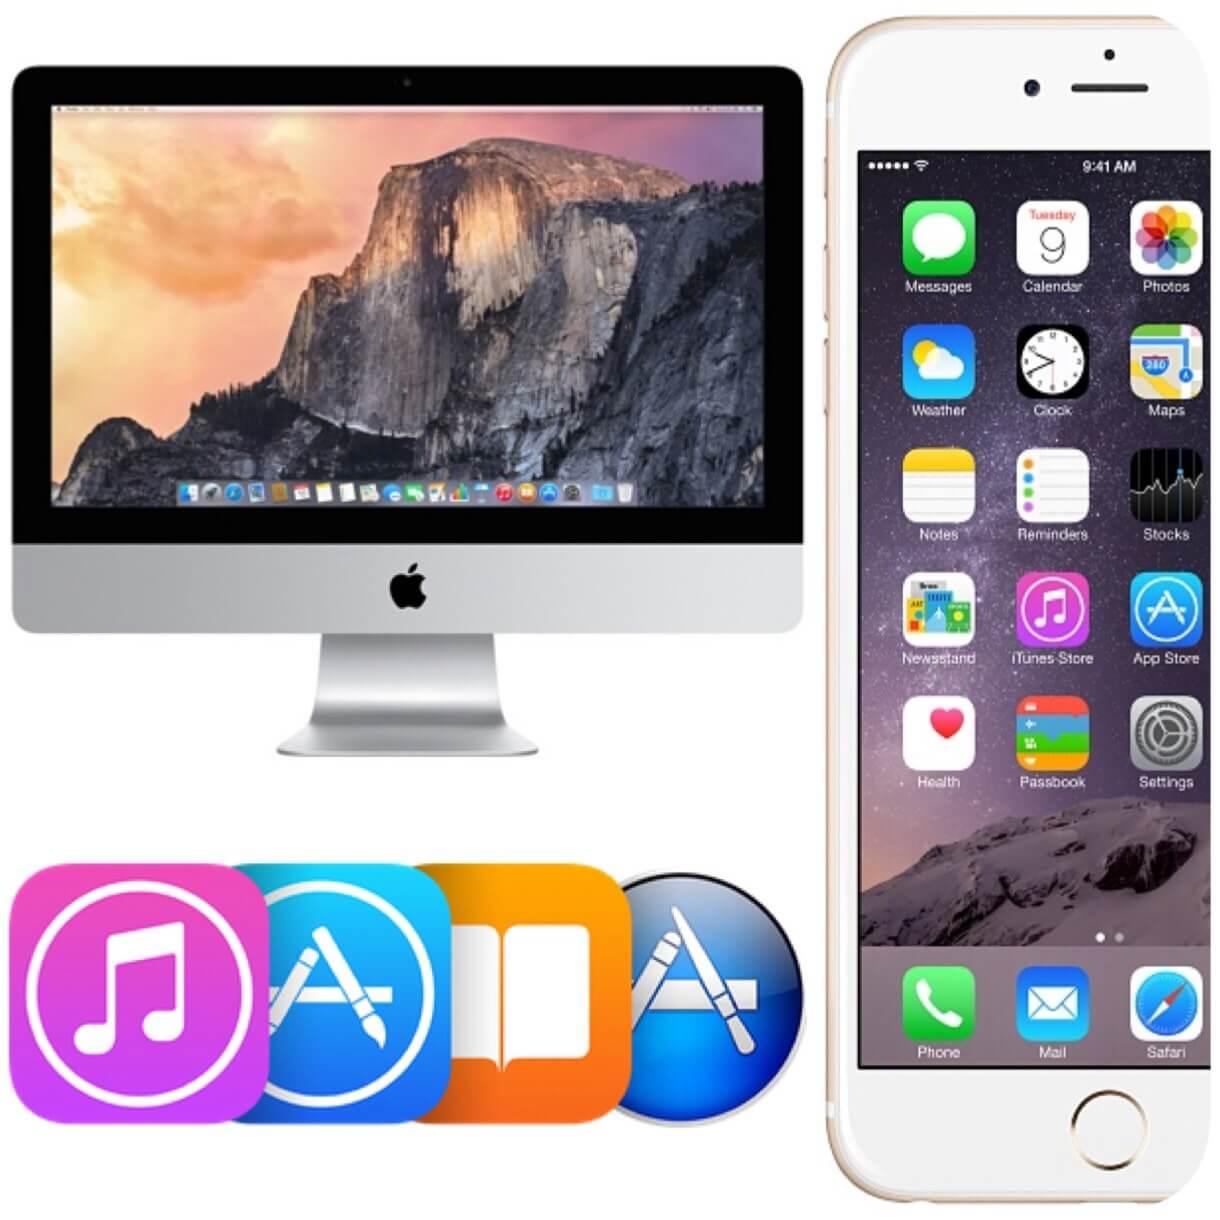 iOS 8.3 złamany – już jest możliwe zarządzanie plikami za pomocą aplikacji firm trzecich na Windowsie oraz iOS X.